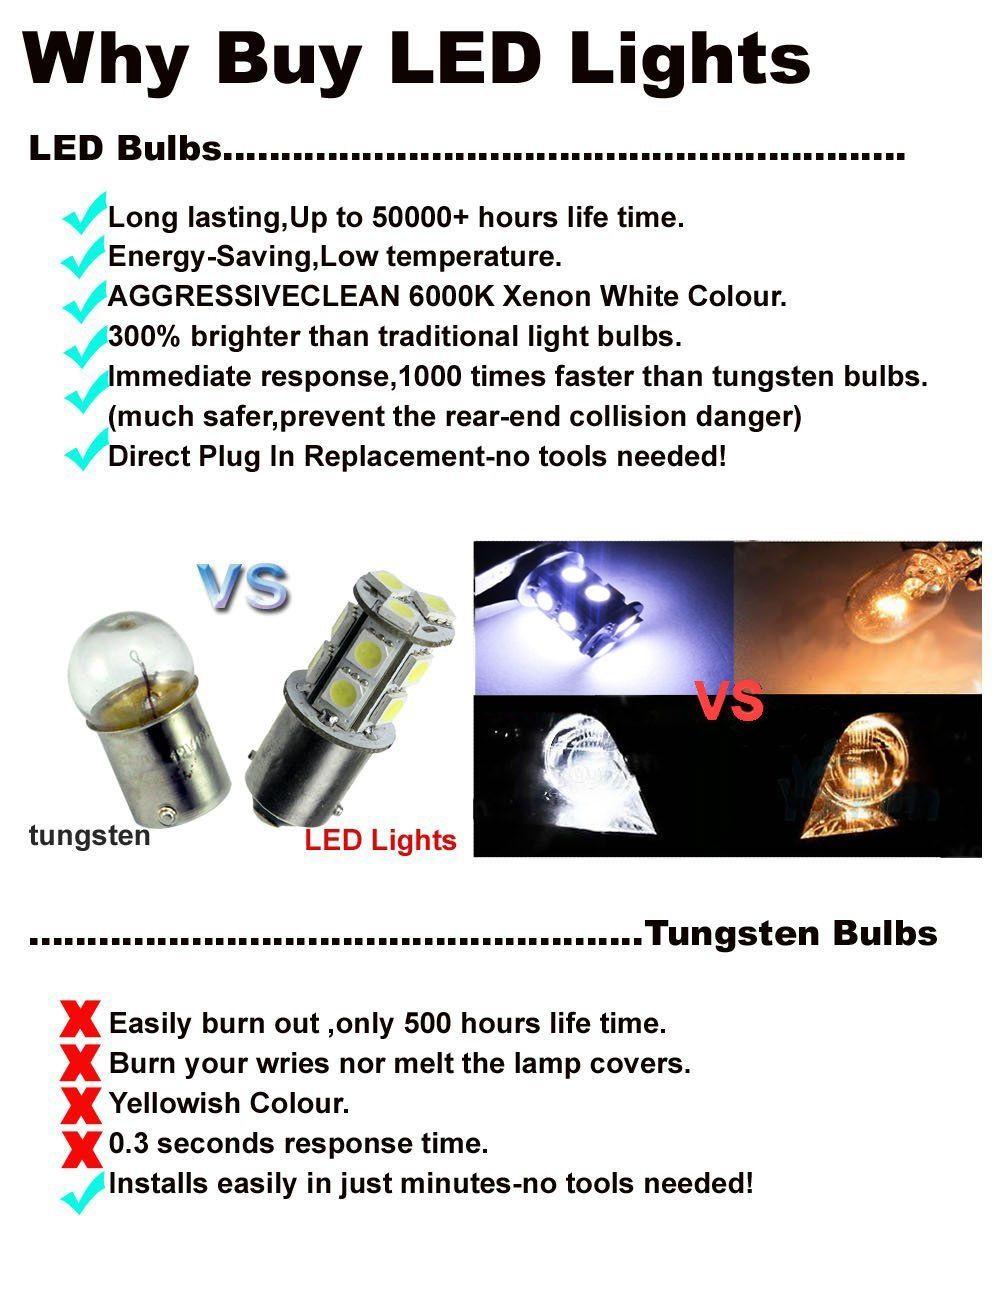 Long Lasting Light Bulbs Danger  sc 1 st  Pinterest & Long Lasting Light Bulbs Danger | http://johncow.us | Pinterest ...